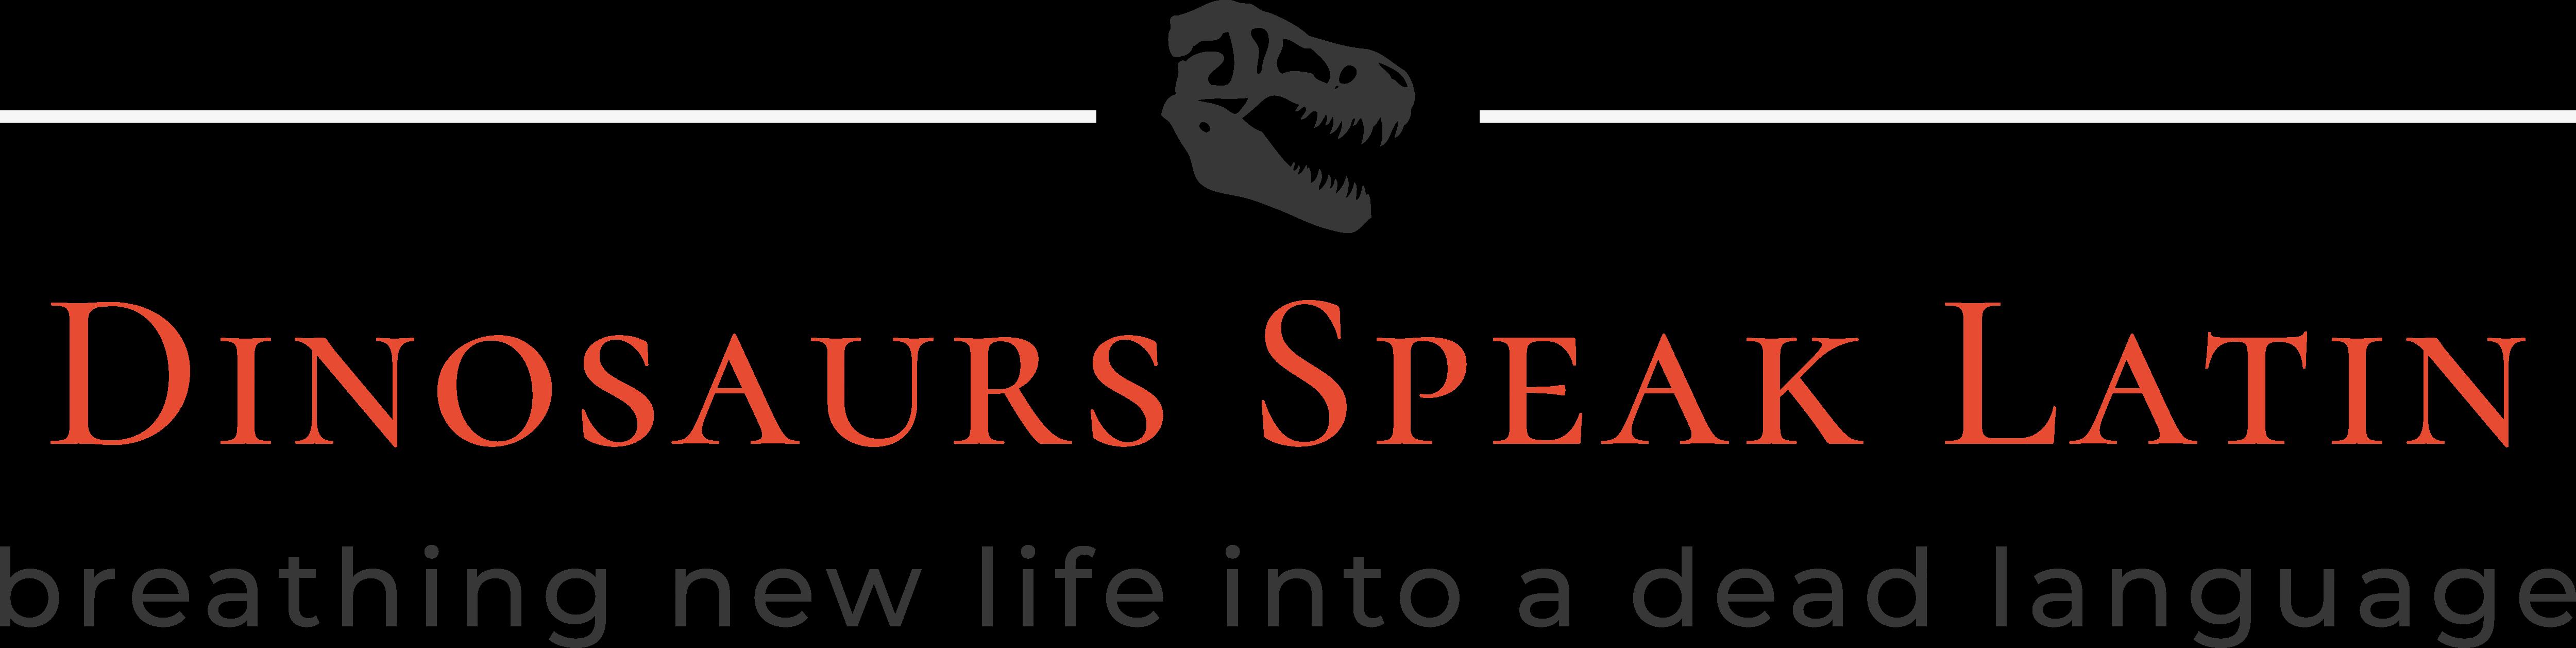 Dinosaurs Speak Latin